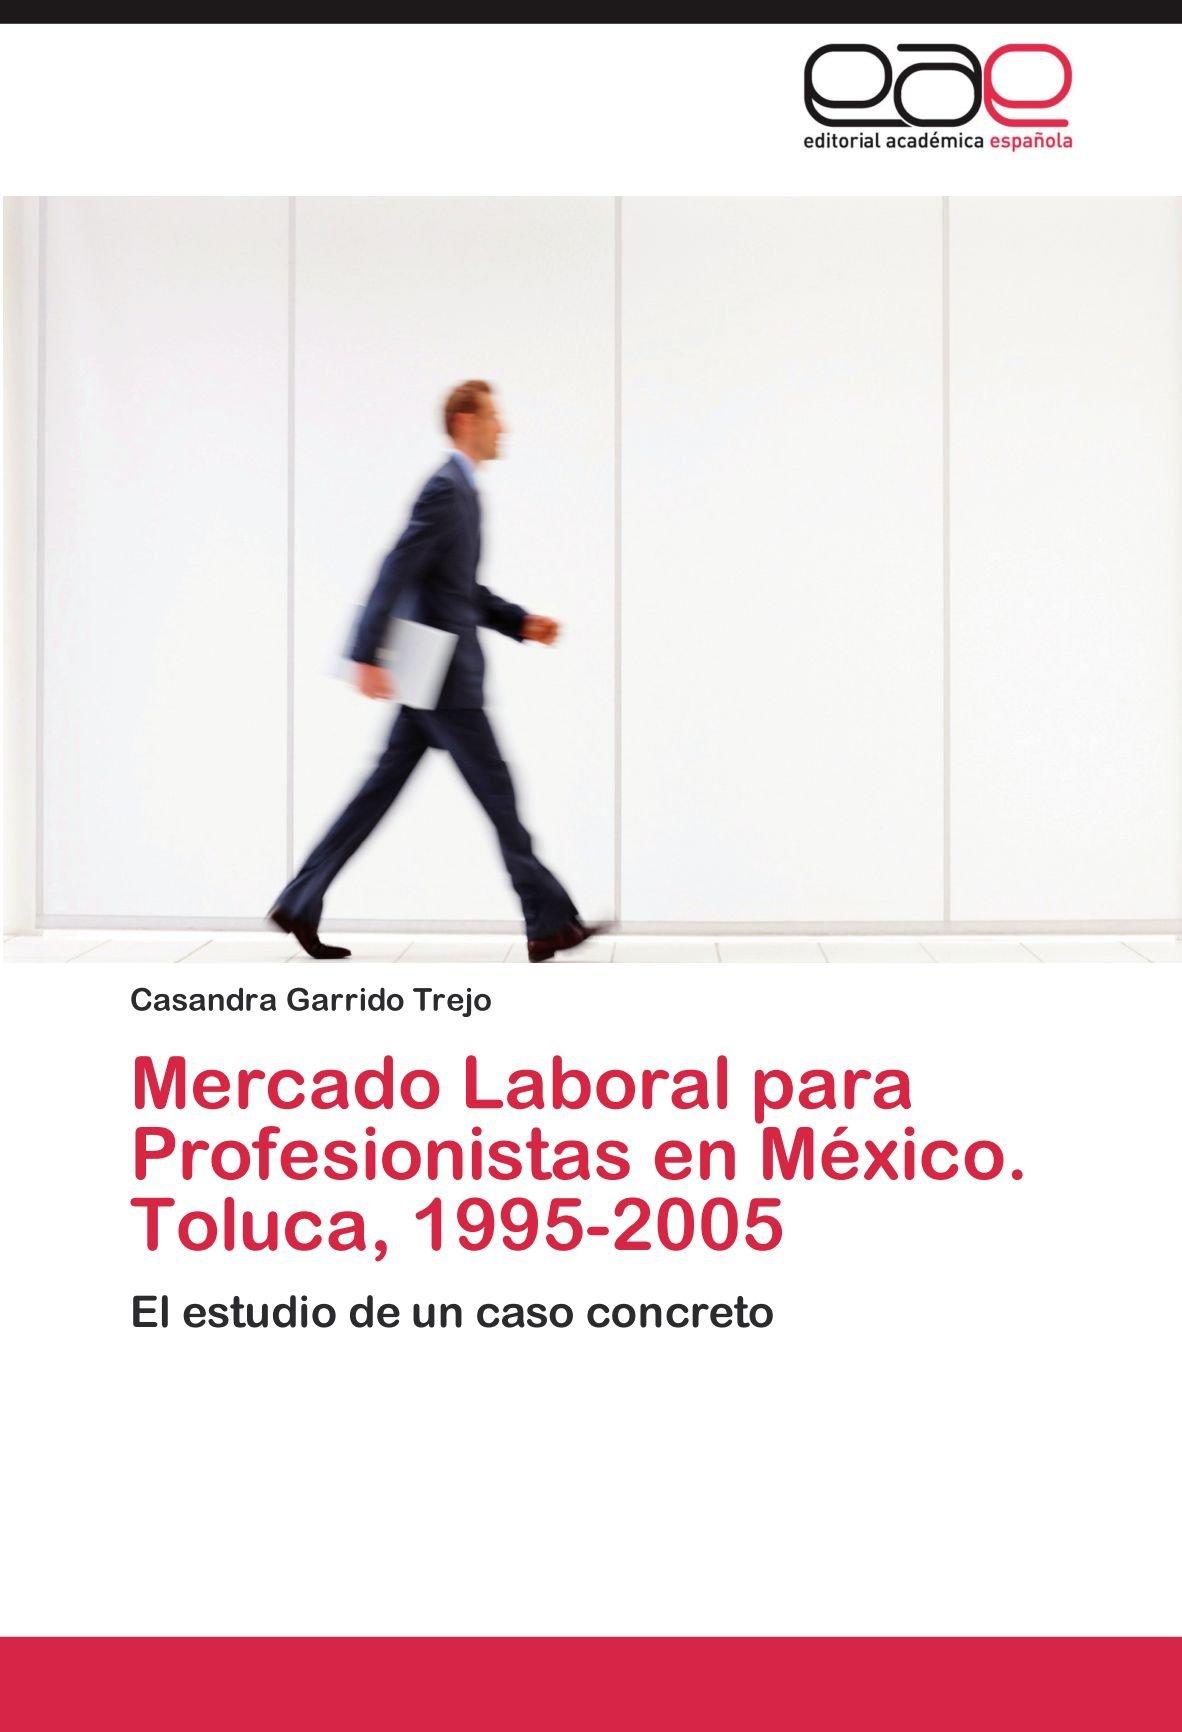 Mercado Laboral para Profesionistas en México. Toluca, 1995-2005: Amazon.es: Garrido Trejo Casandra: Libros